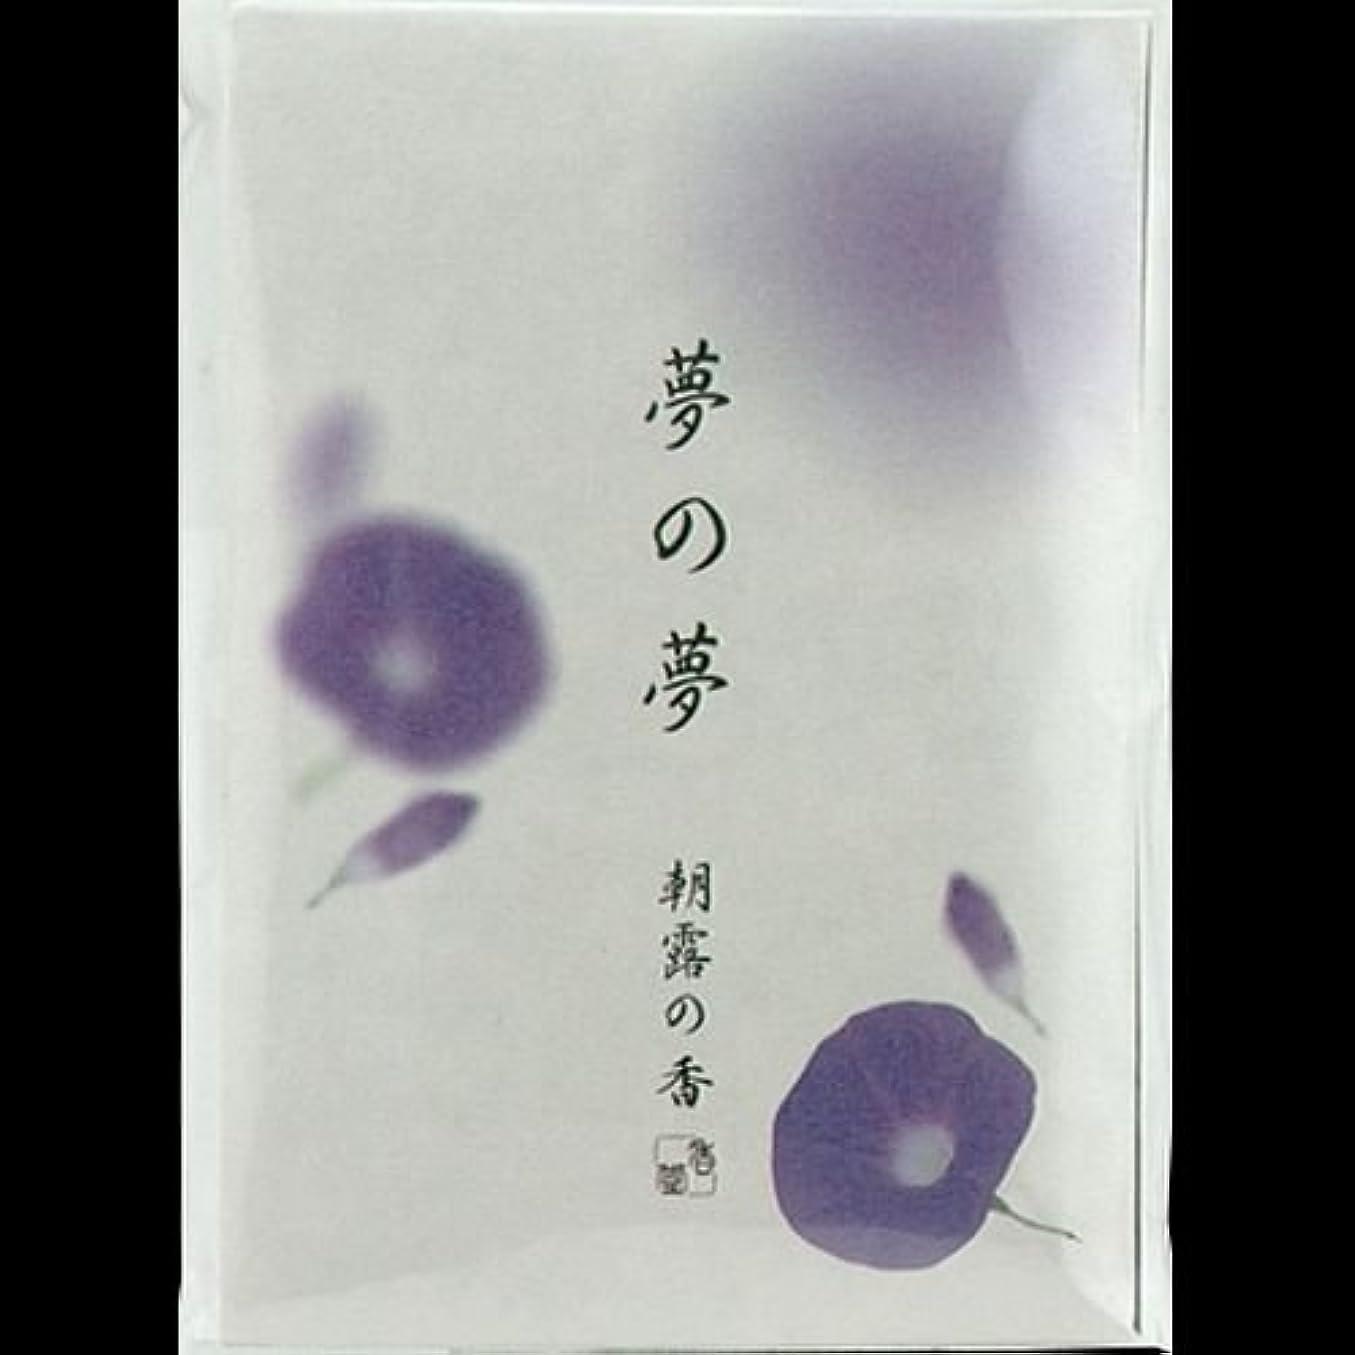 のれん電圧潜水艦【まとめ買い】夢の夢 朝露(あさつゆ) スティック12本入 ×2セット